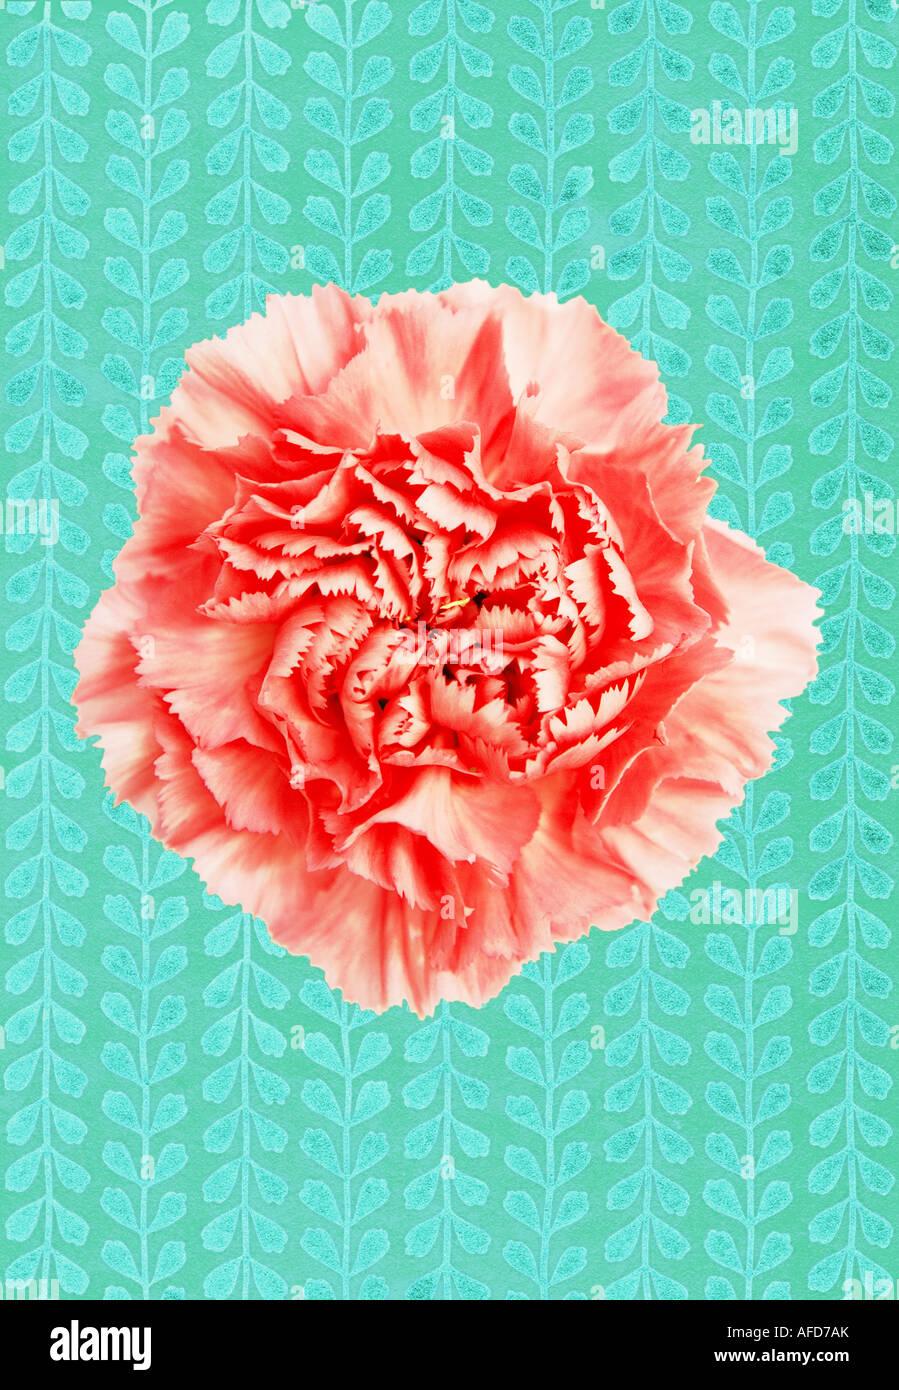 Illustration de pink carnation contre un fond à motifs texturés Photo Stock